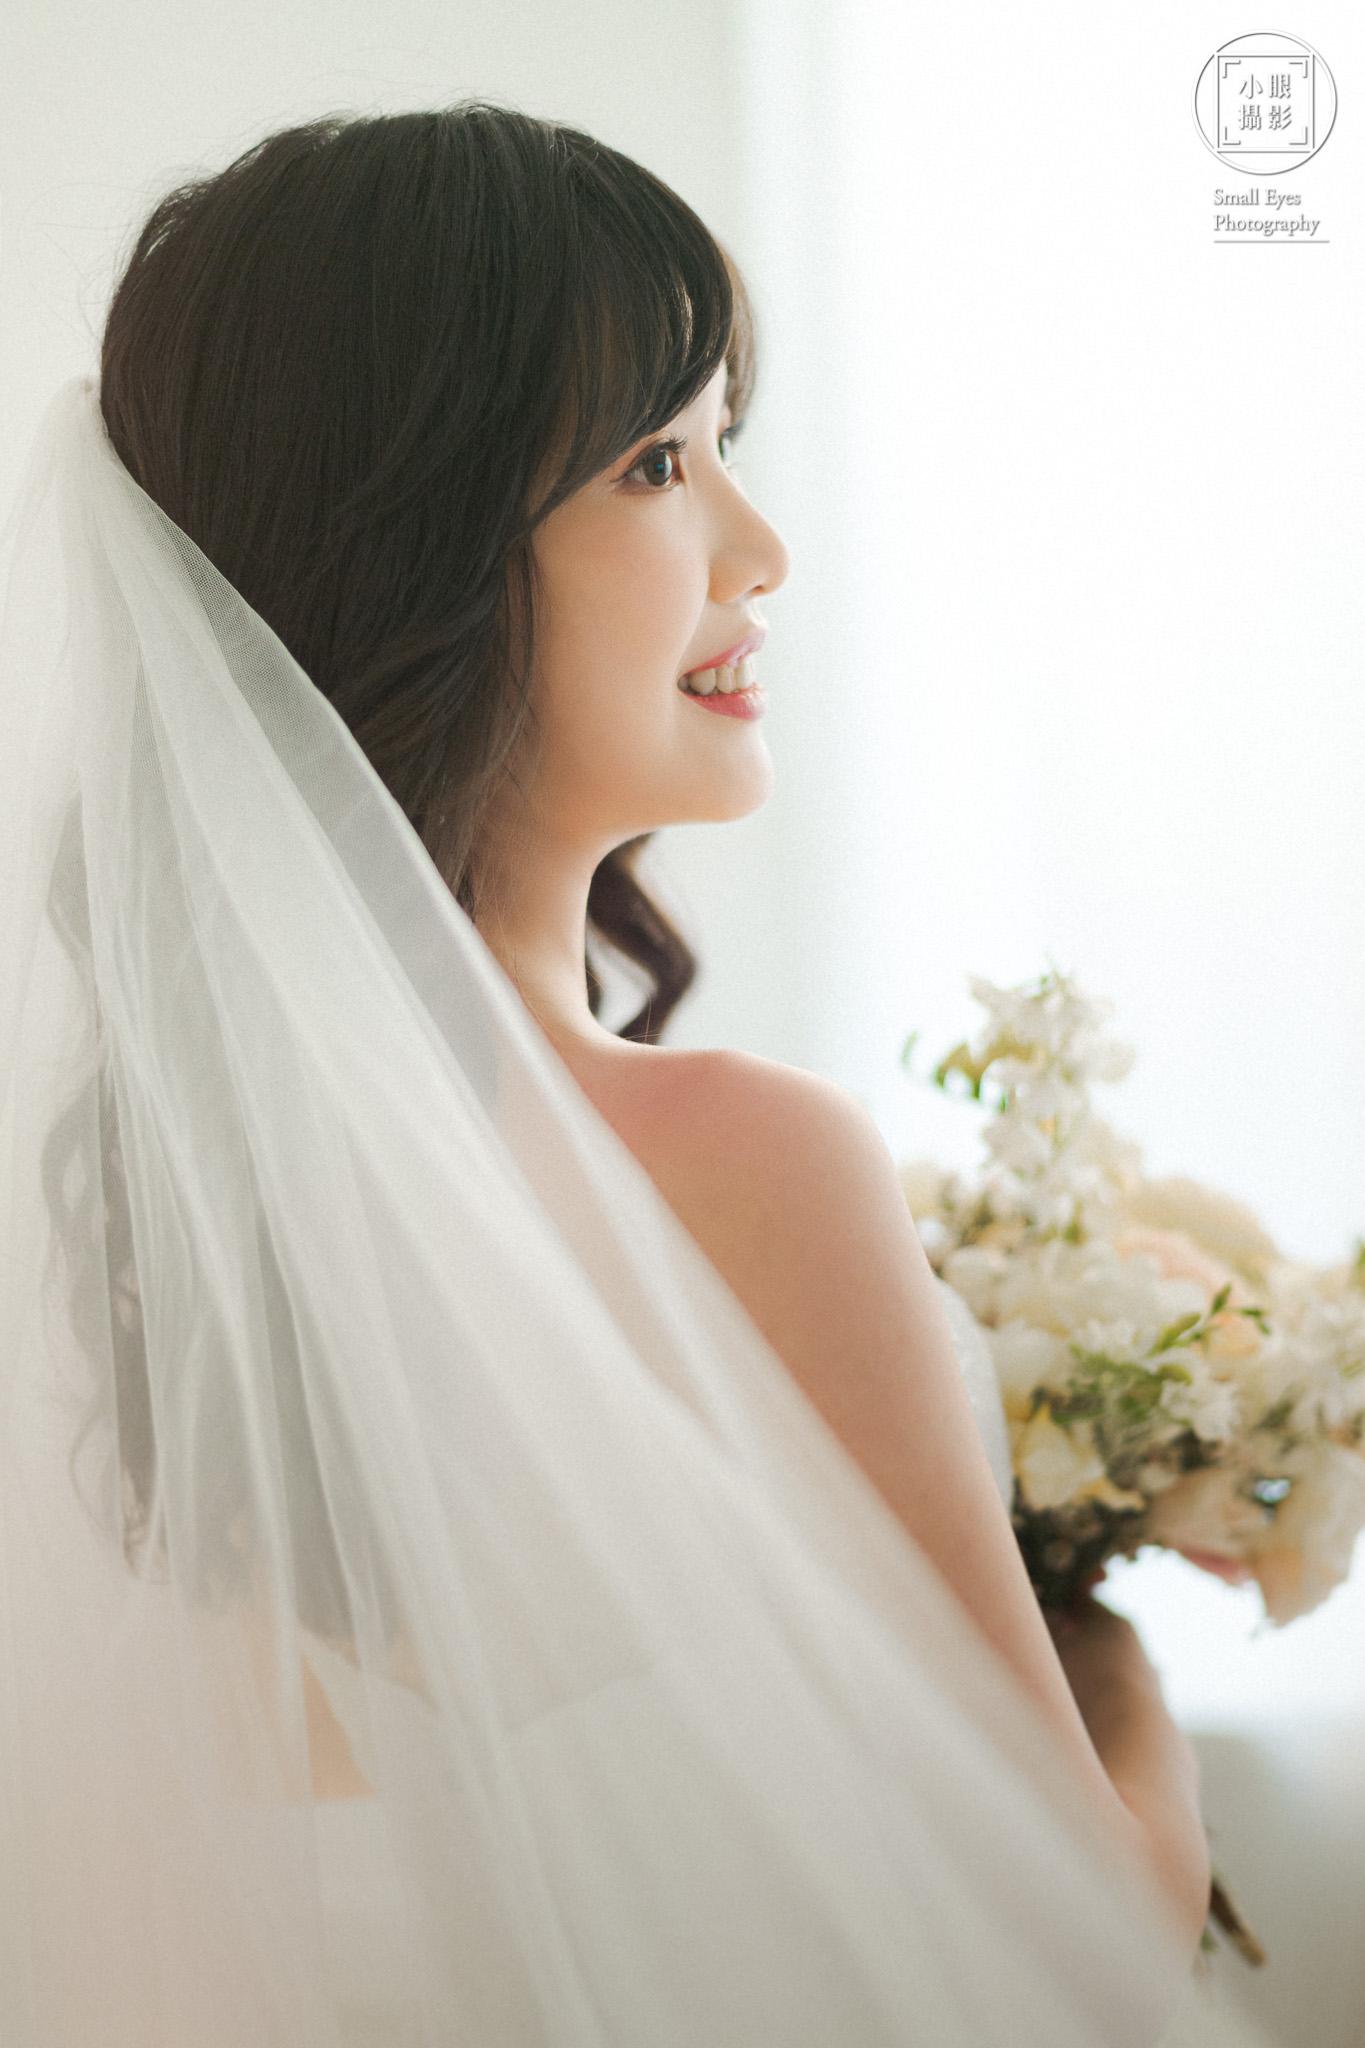 人像, 小眼攝影, 自主, 自主婚紗, 自助, 海外婚紗, 國內婚紗, 婚紗, 婚紗攝影, 婚攝, 寫真, 徐徐兒,徐小恩,好拍市集